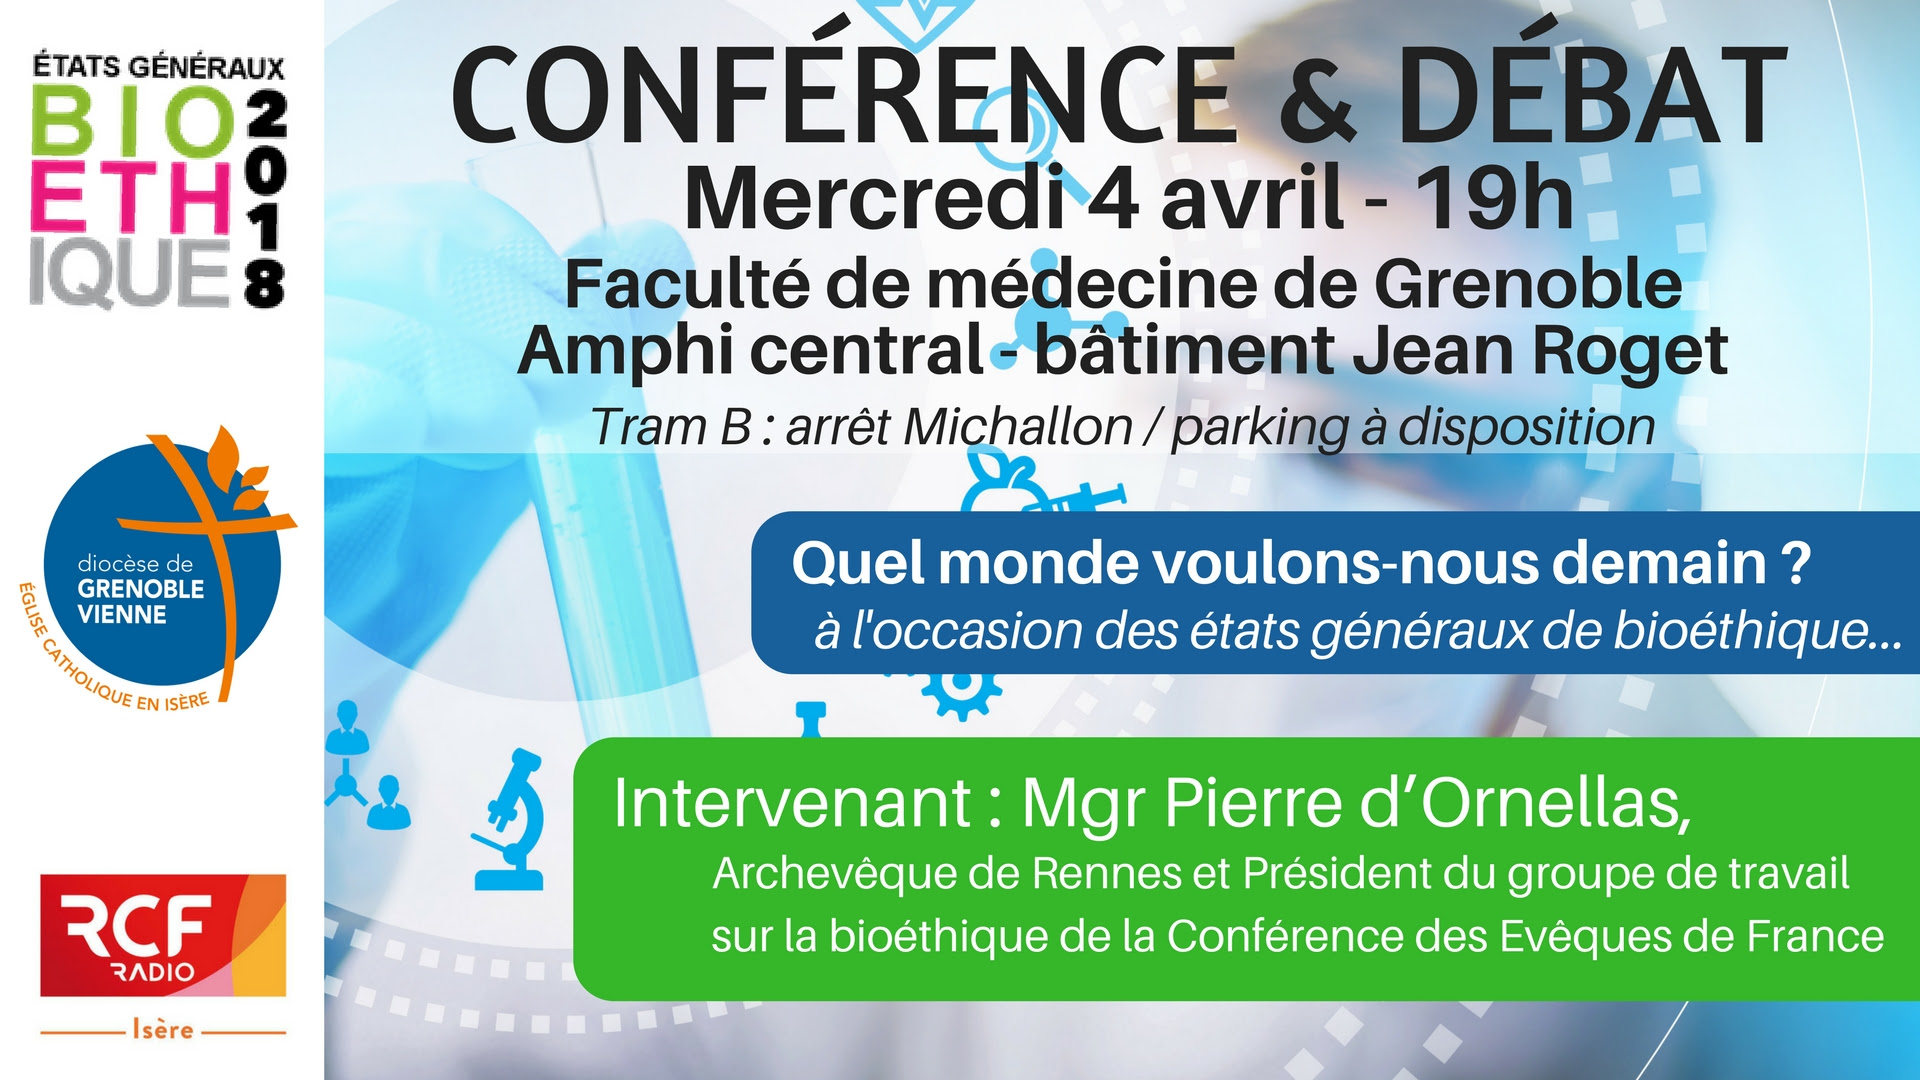 Conférence & débat avec Mgr d'Ornellas – Quel monde voulons-nous pour demain? – Le 4 avril 2018 à Grenoble (38)